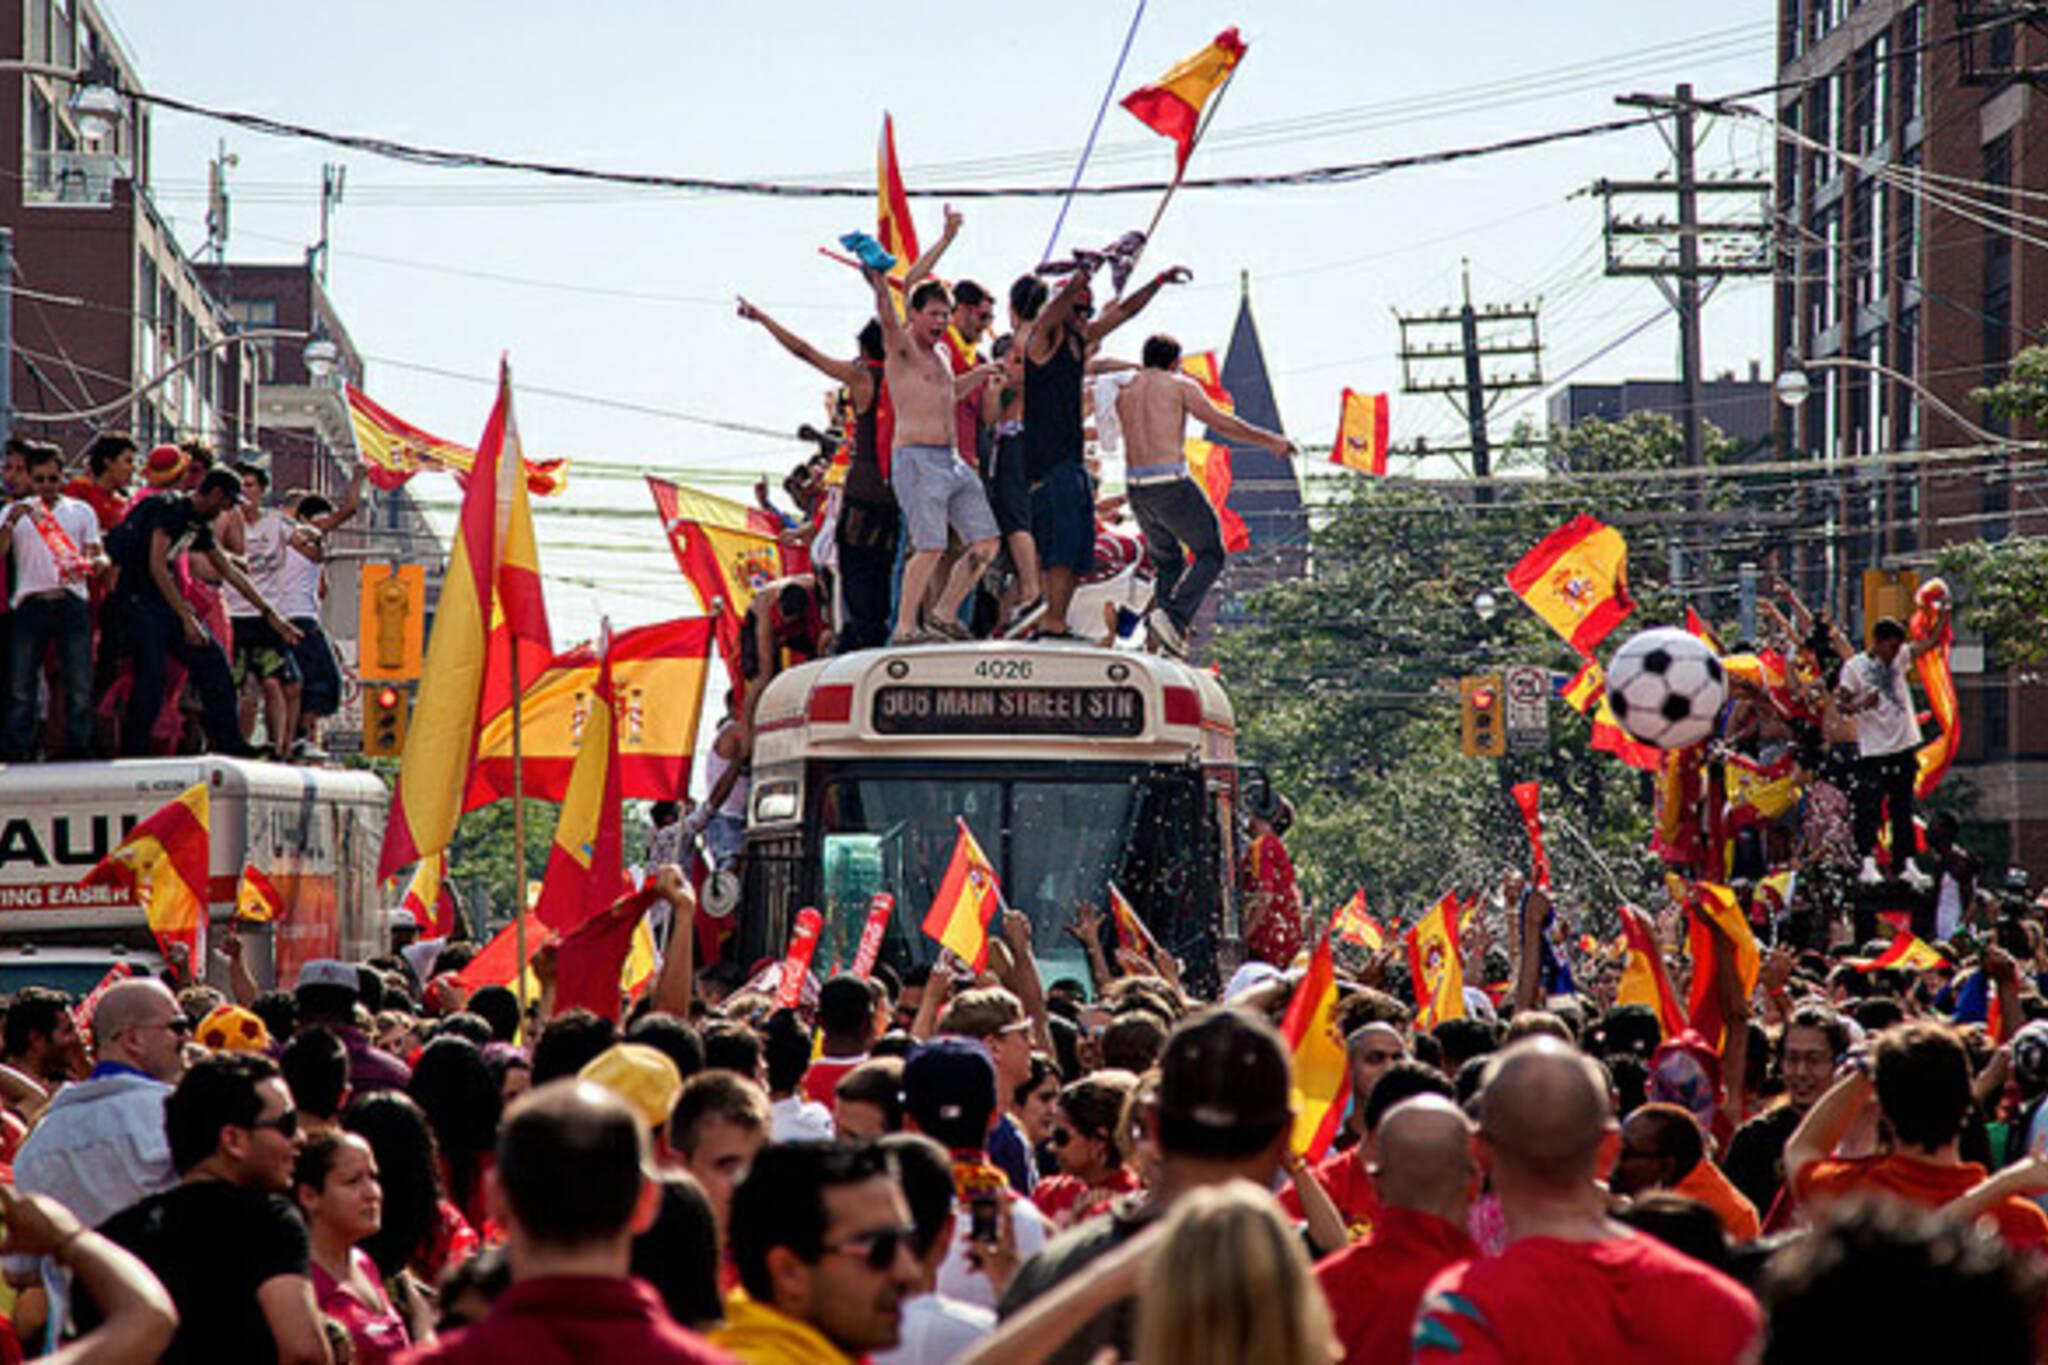 Euro 2012 Toronto Soccer